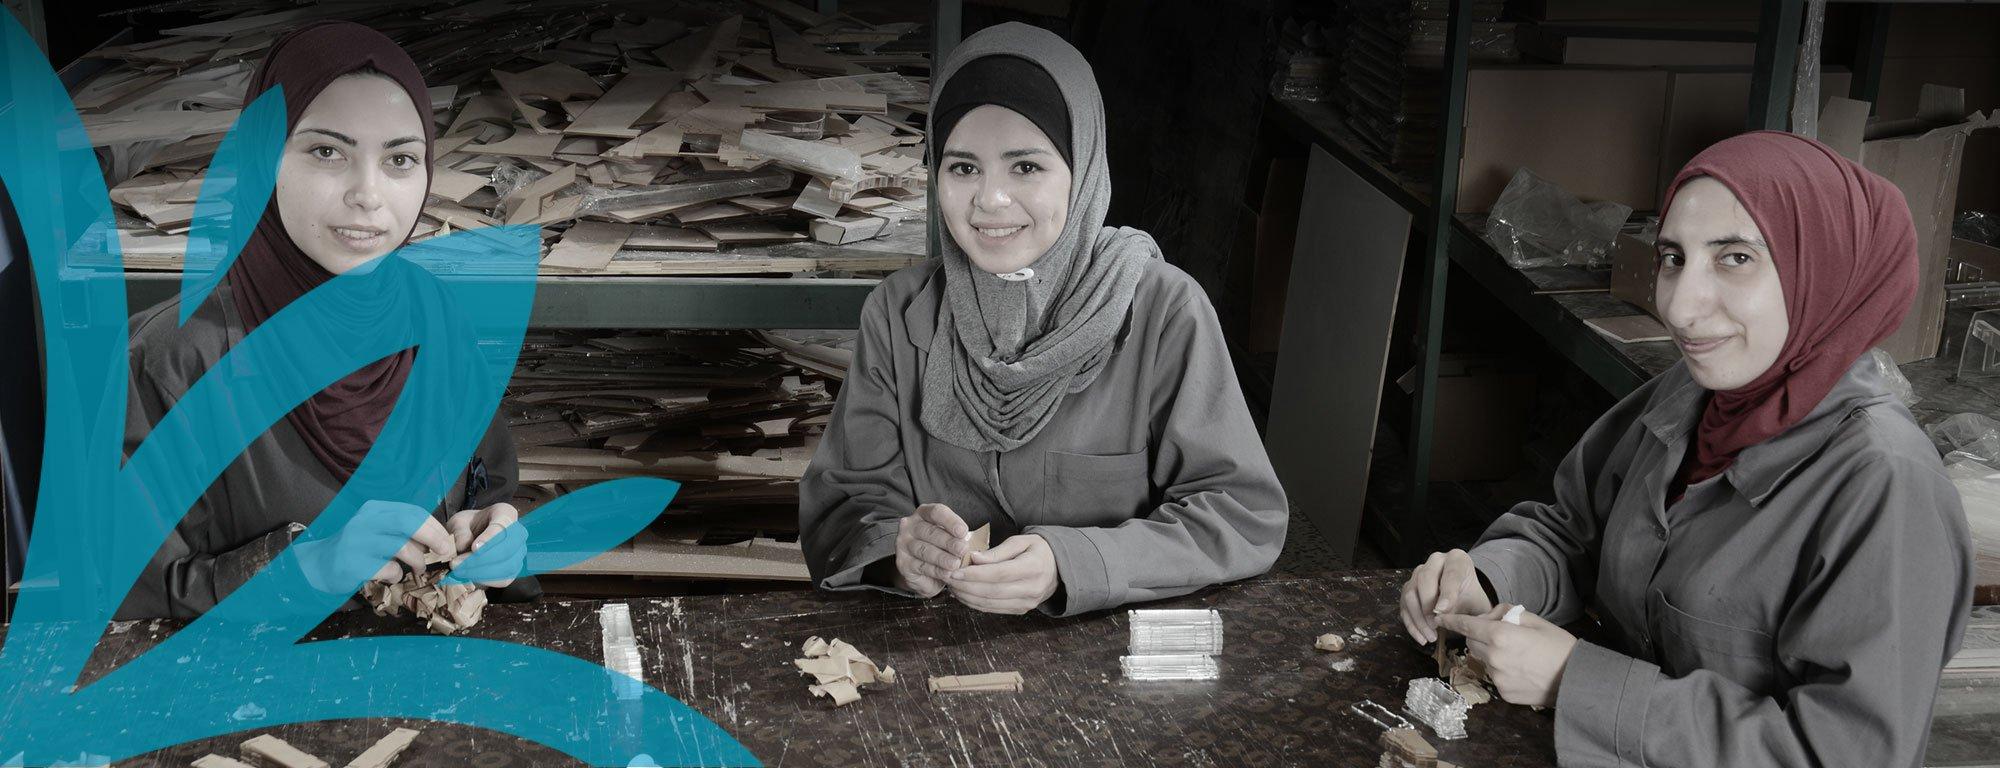 نحن نساعد رواد الأعمال الأردنيين على تنمية مشاريعهم الصغيرة والمتوسطة